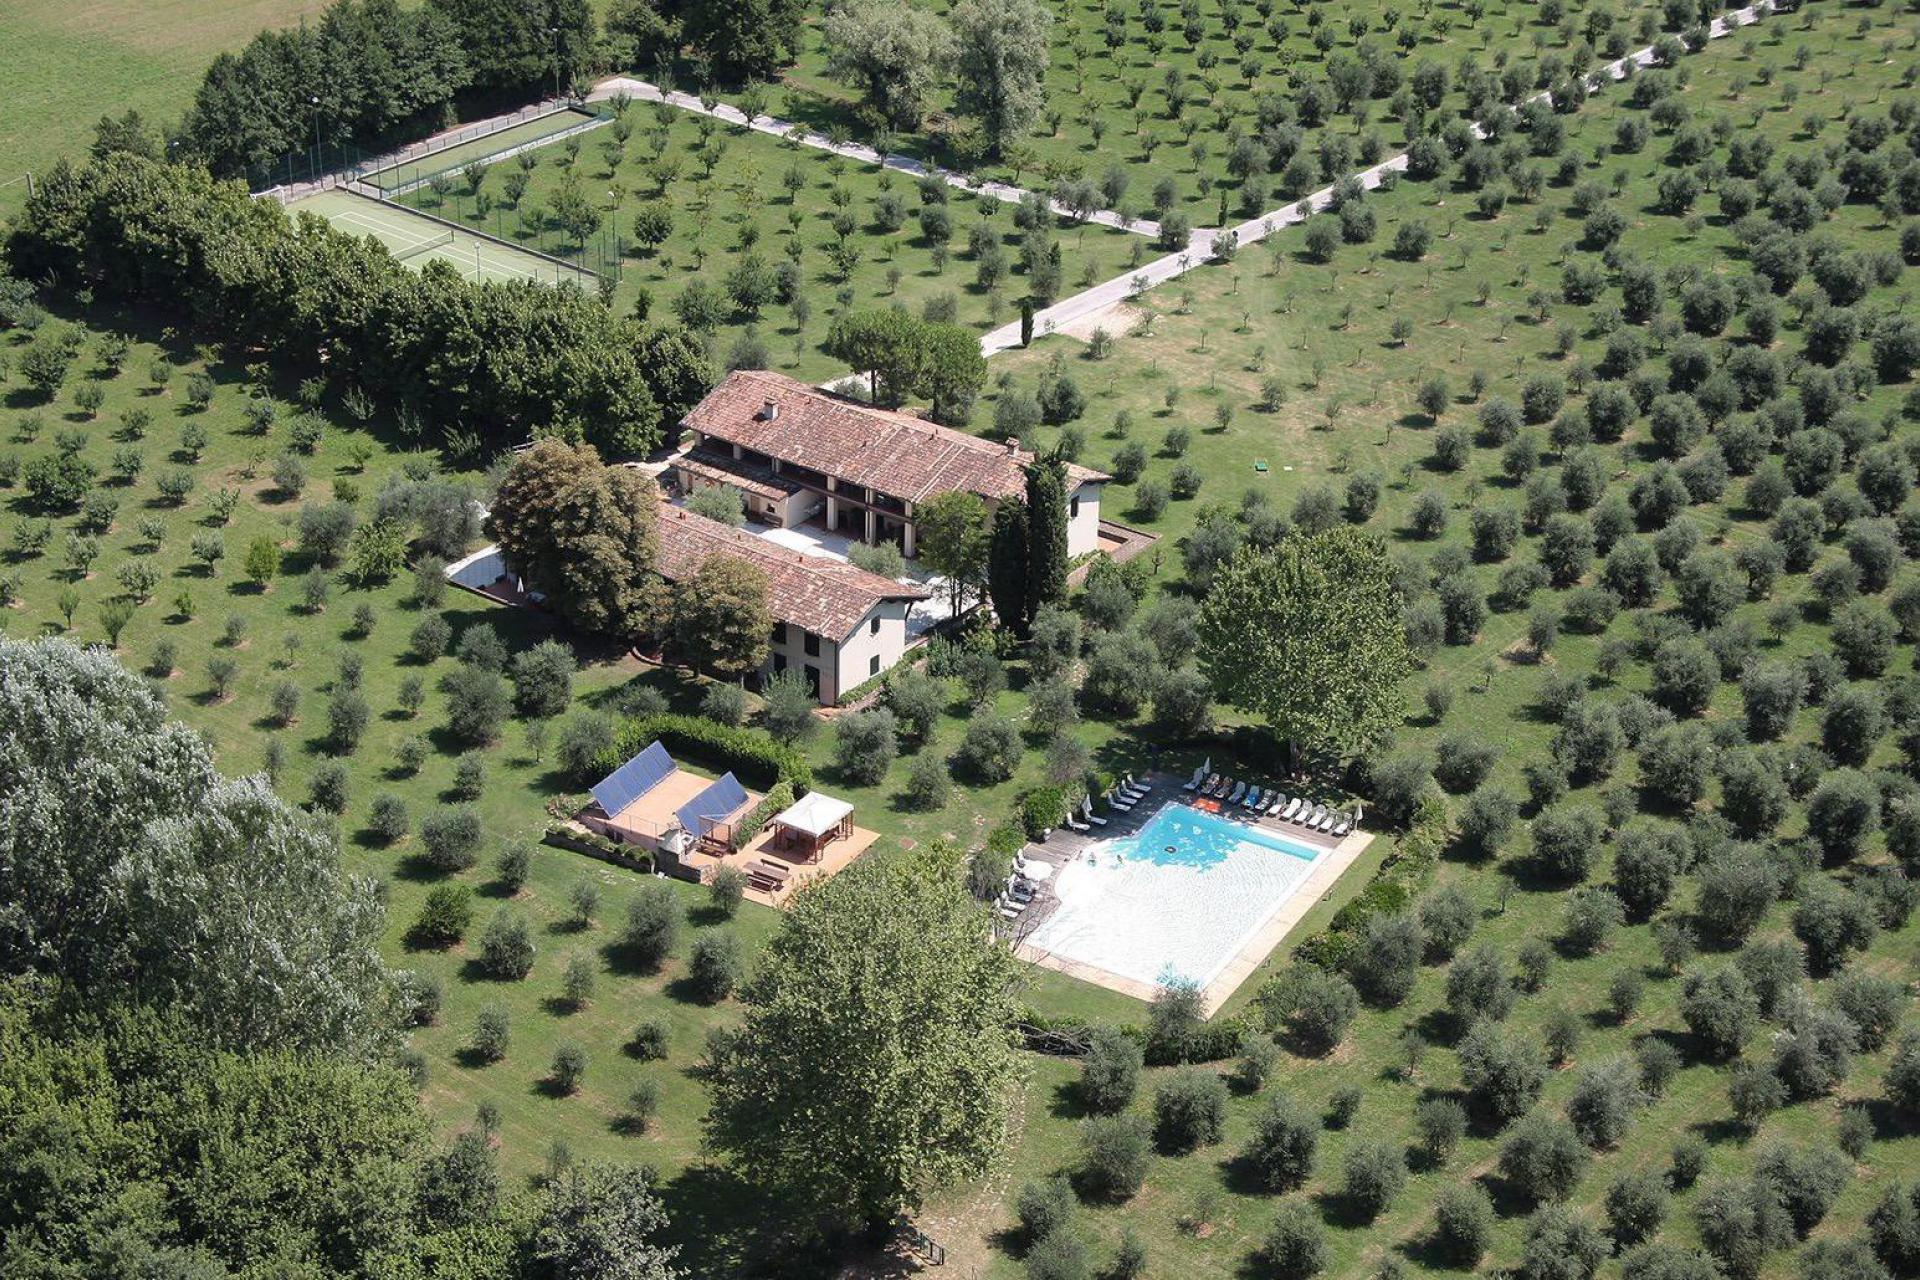 Agriturismo Comomeer en Gardameer Agriturismo Gardameer, kindvriendelijk en centrale ligging